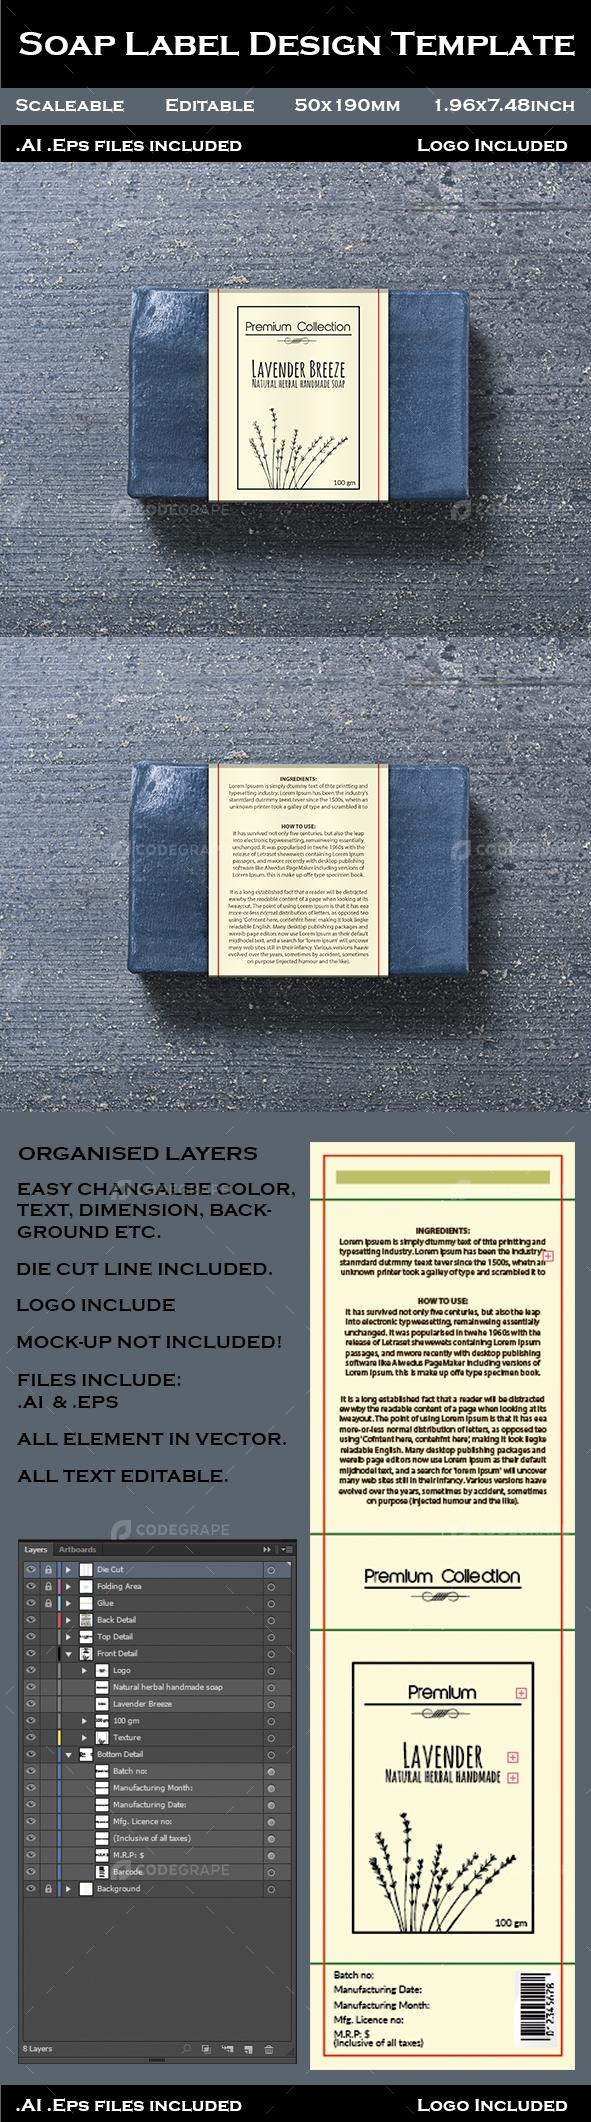 Soap Label Design Template